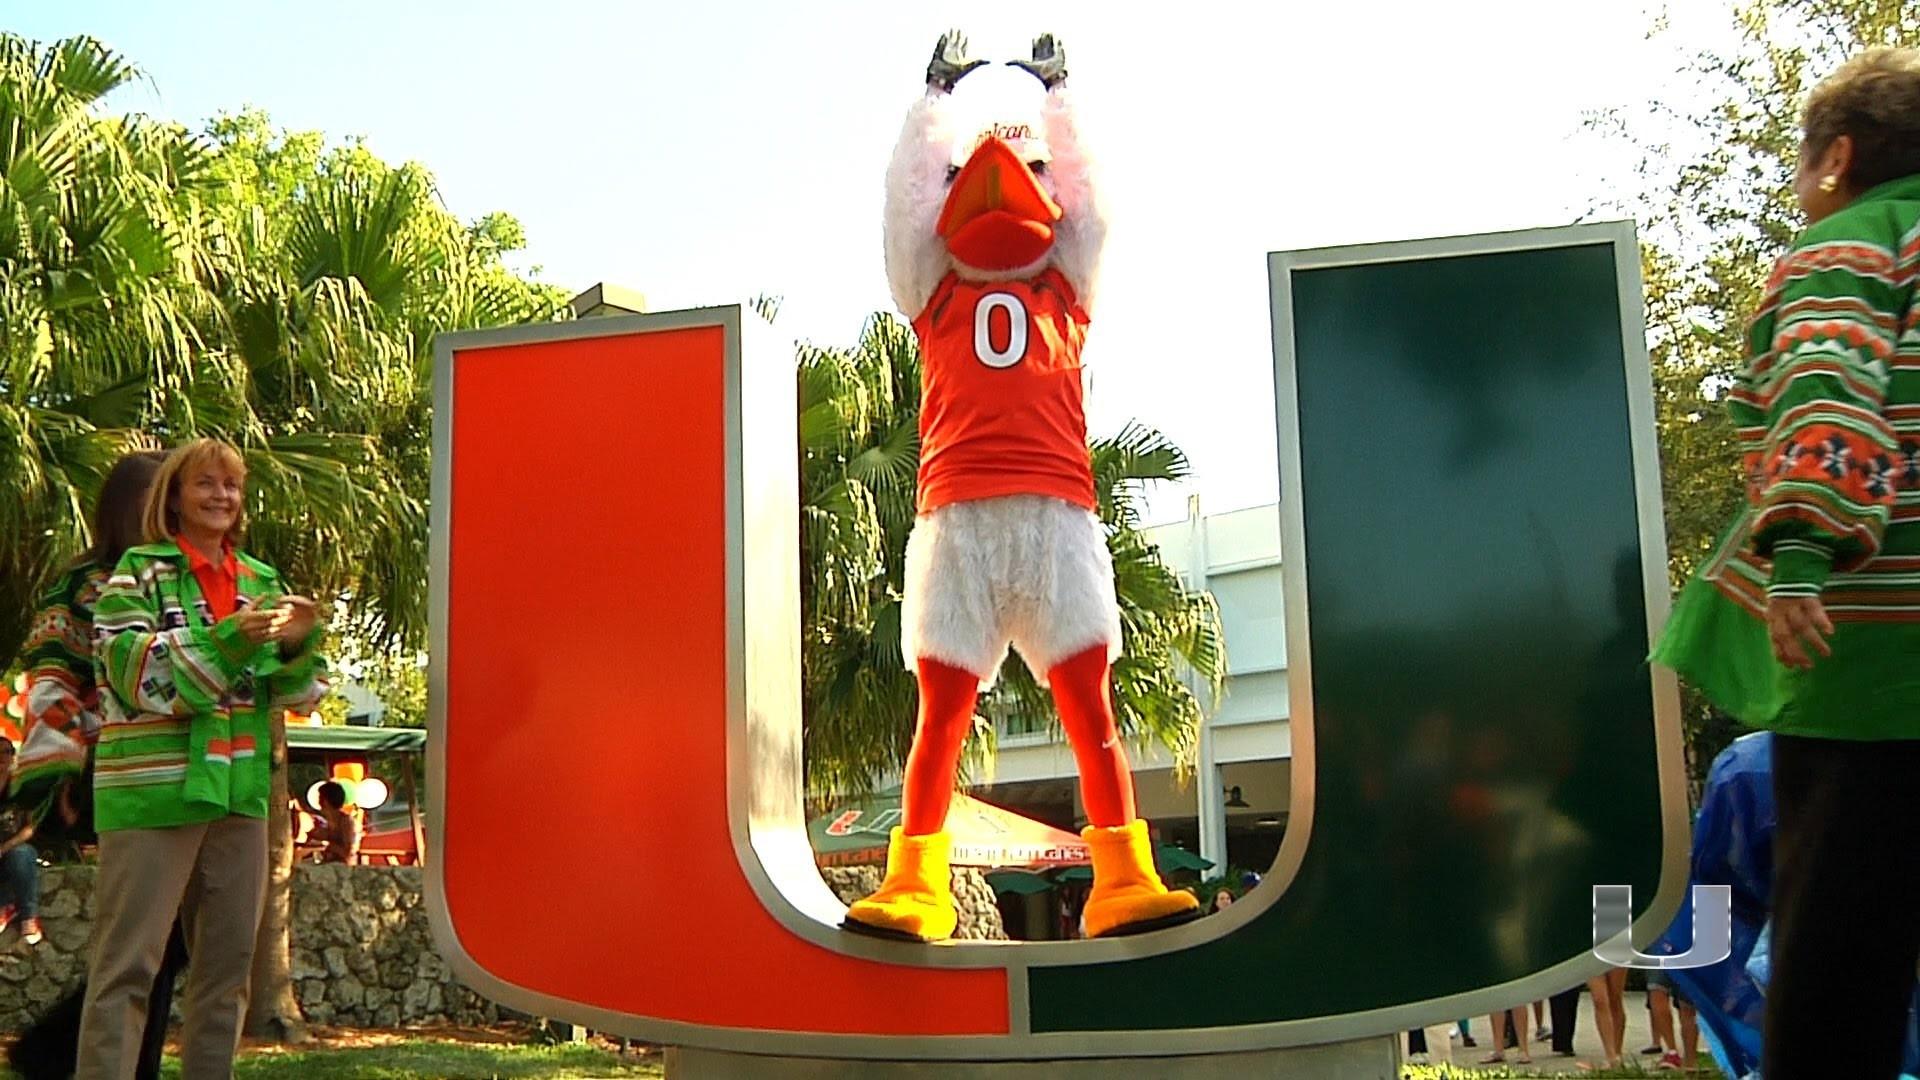 University of Miami Wallpaper University of Miami Unveiled